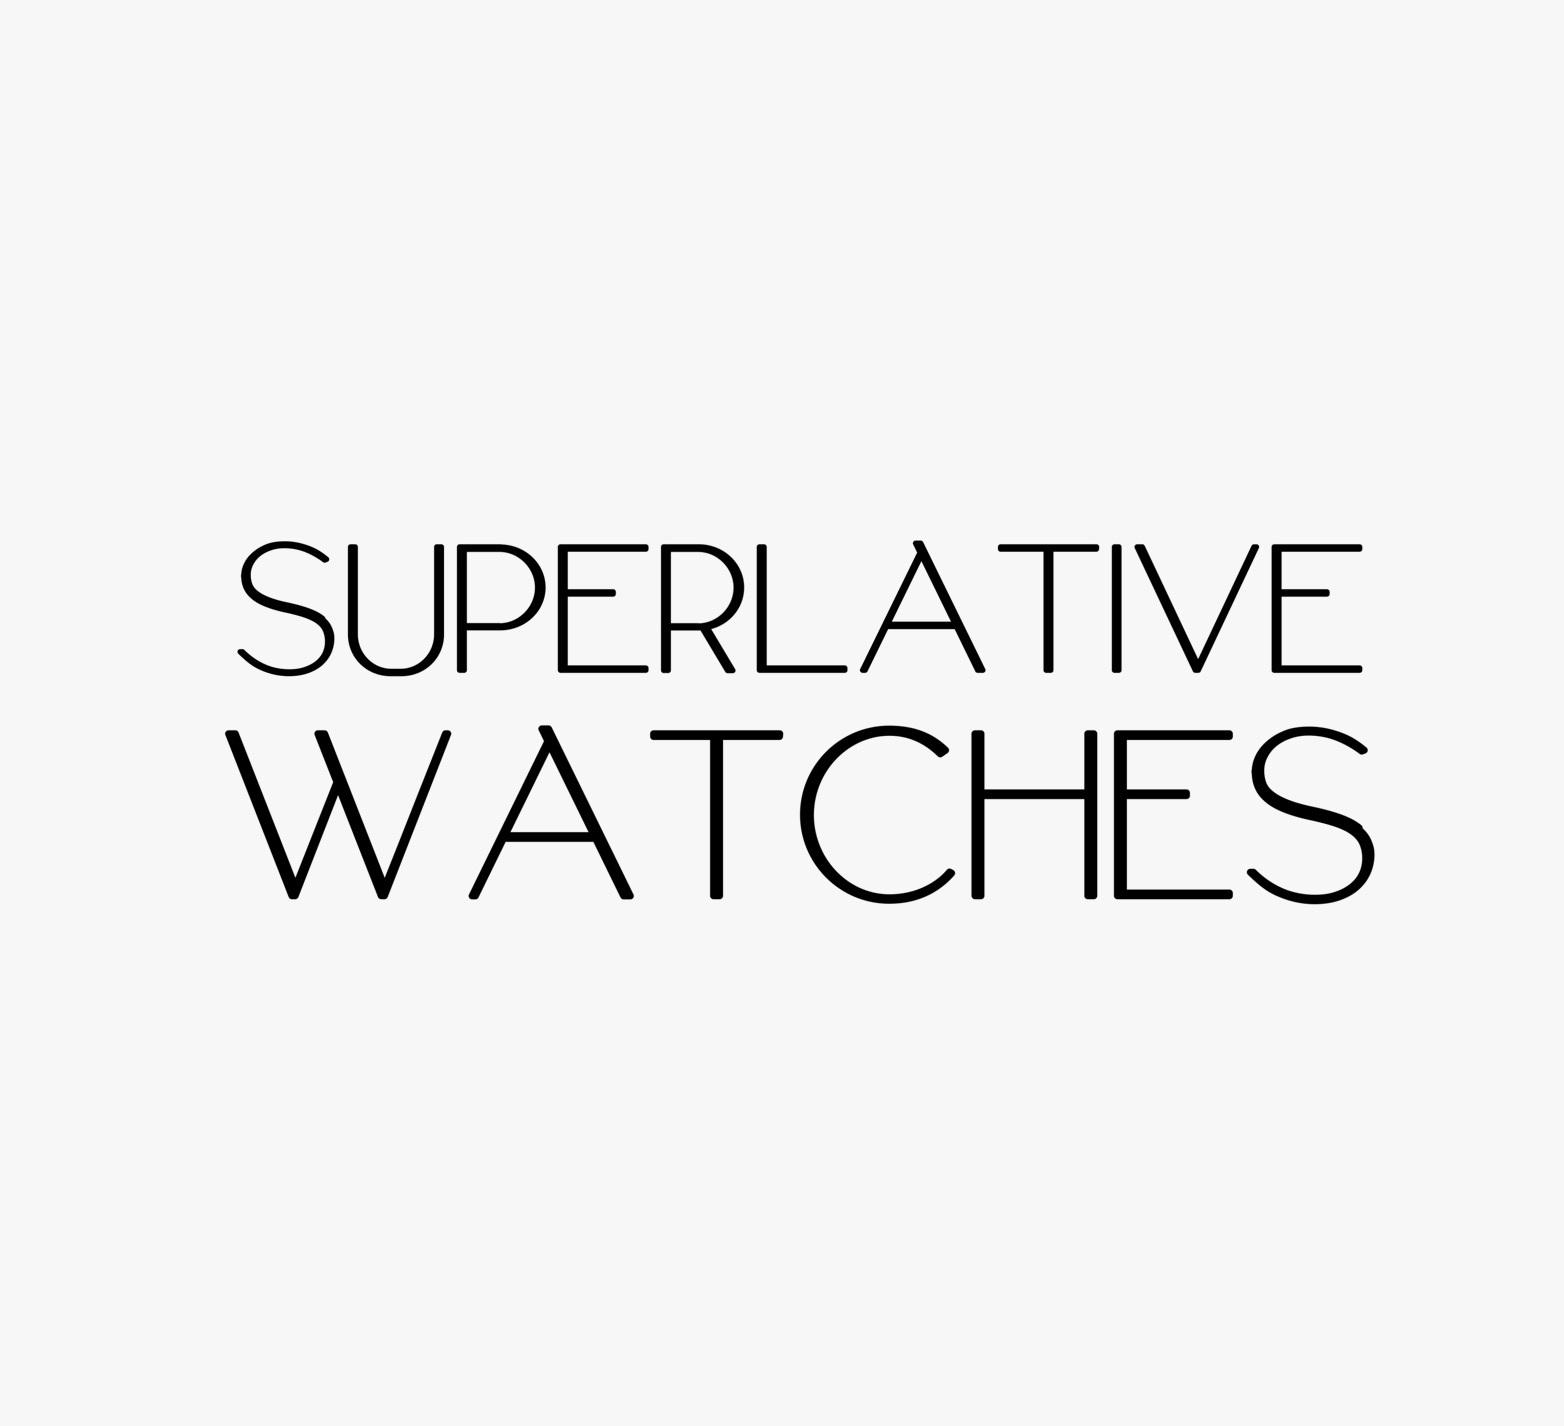 Superlative Watches - MondaniWeb